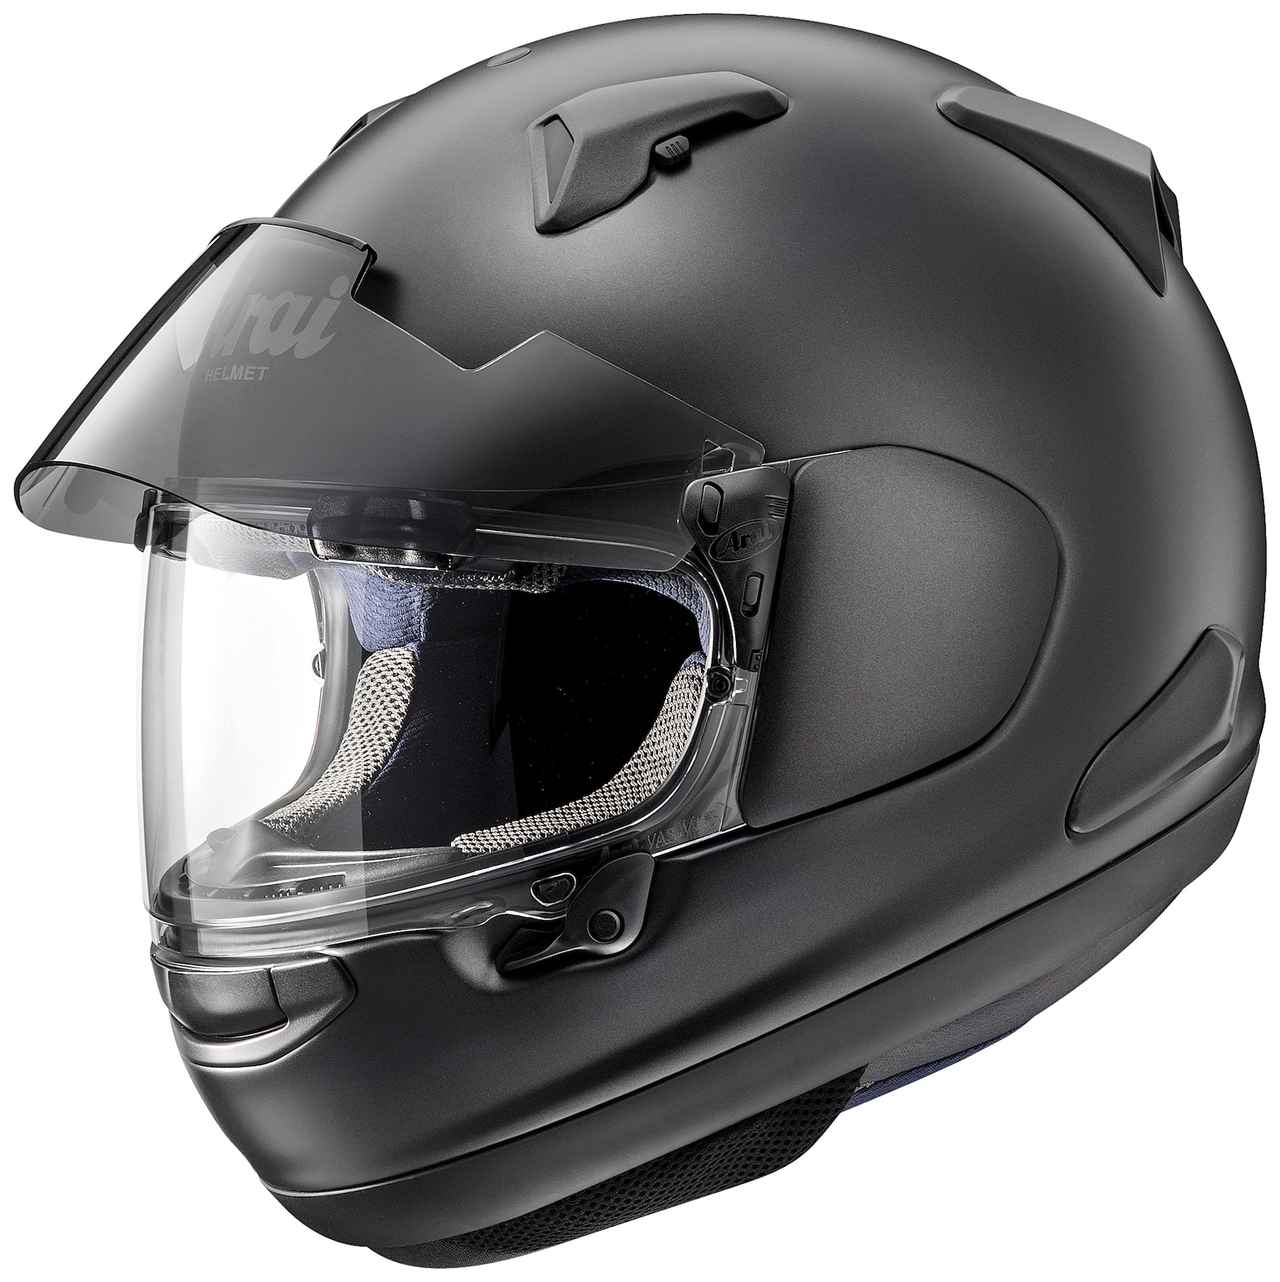 画像: アライヘルメット ASTRAL-X(フラットブラック) ■価格:5万5080円(税込)